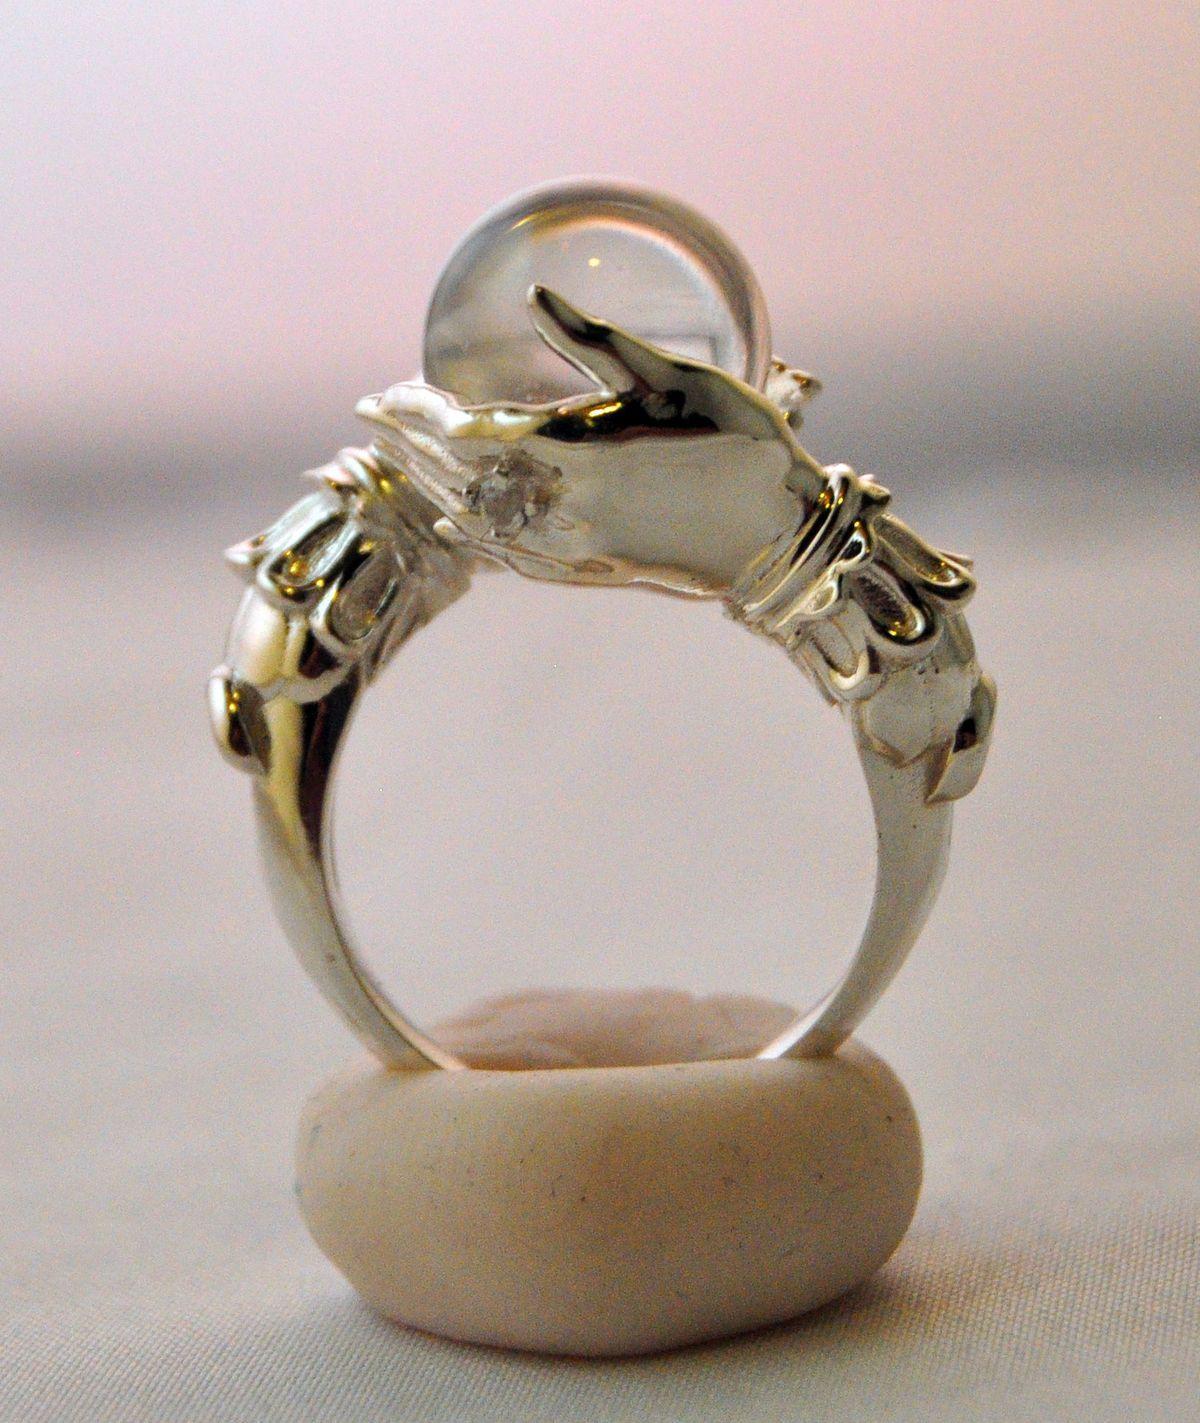 d214fb6fa Beautiful crystal ball ring. Beautiful crystal ball ring. Sterling Silver  Rings, Hippie Jewelry, Cute ...